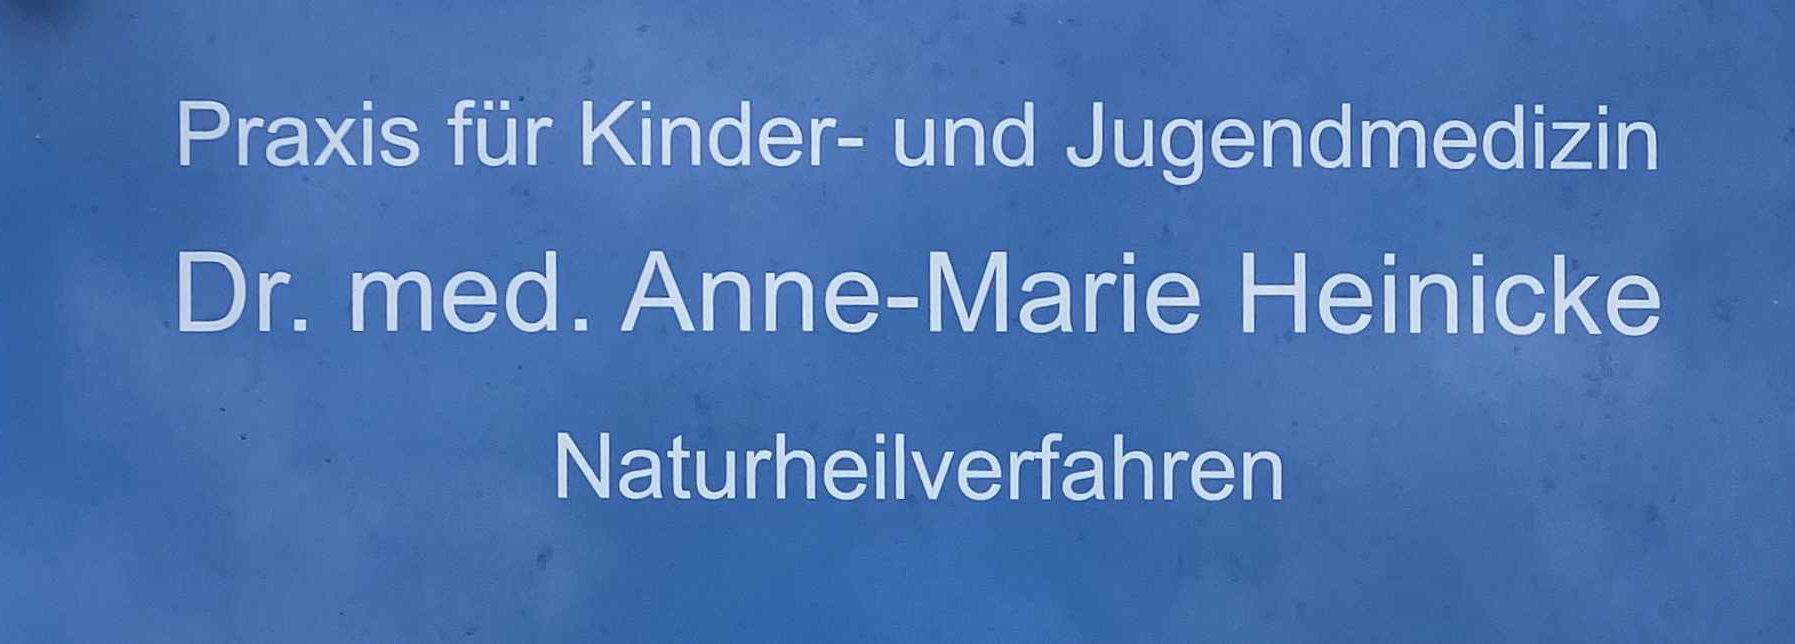 Praxisschild von AMM-Netzwerkpartnerin Dr. med. Anne-Marie Heinicke